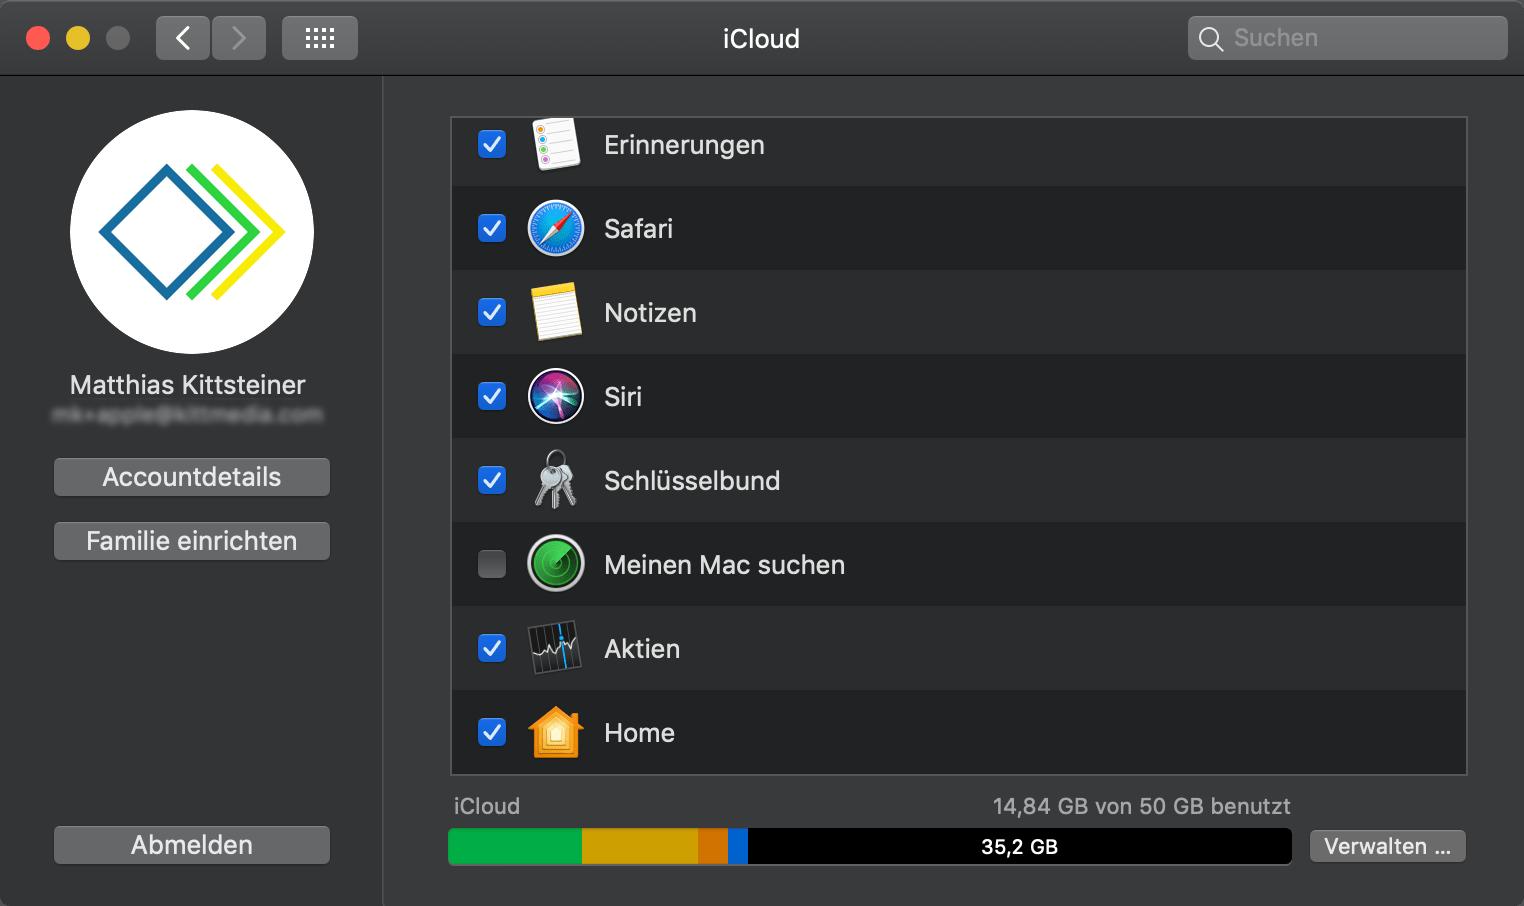 Meinen Mac suchen in iCloud deaktiviert